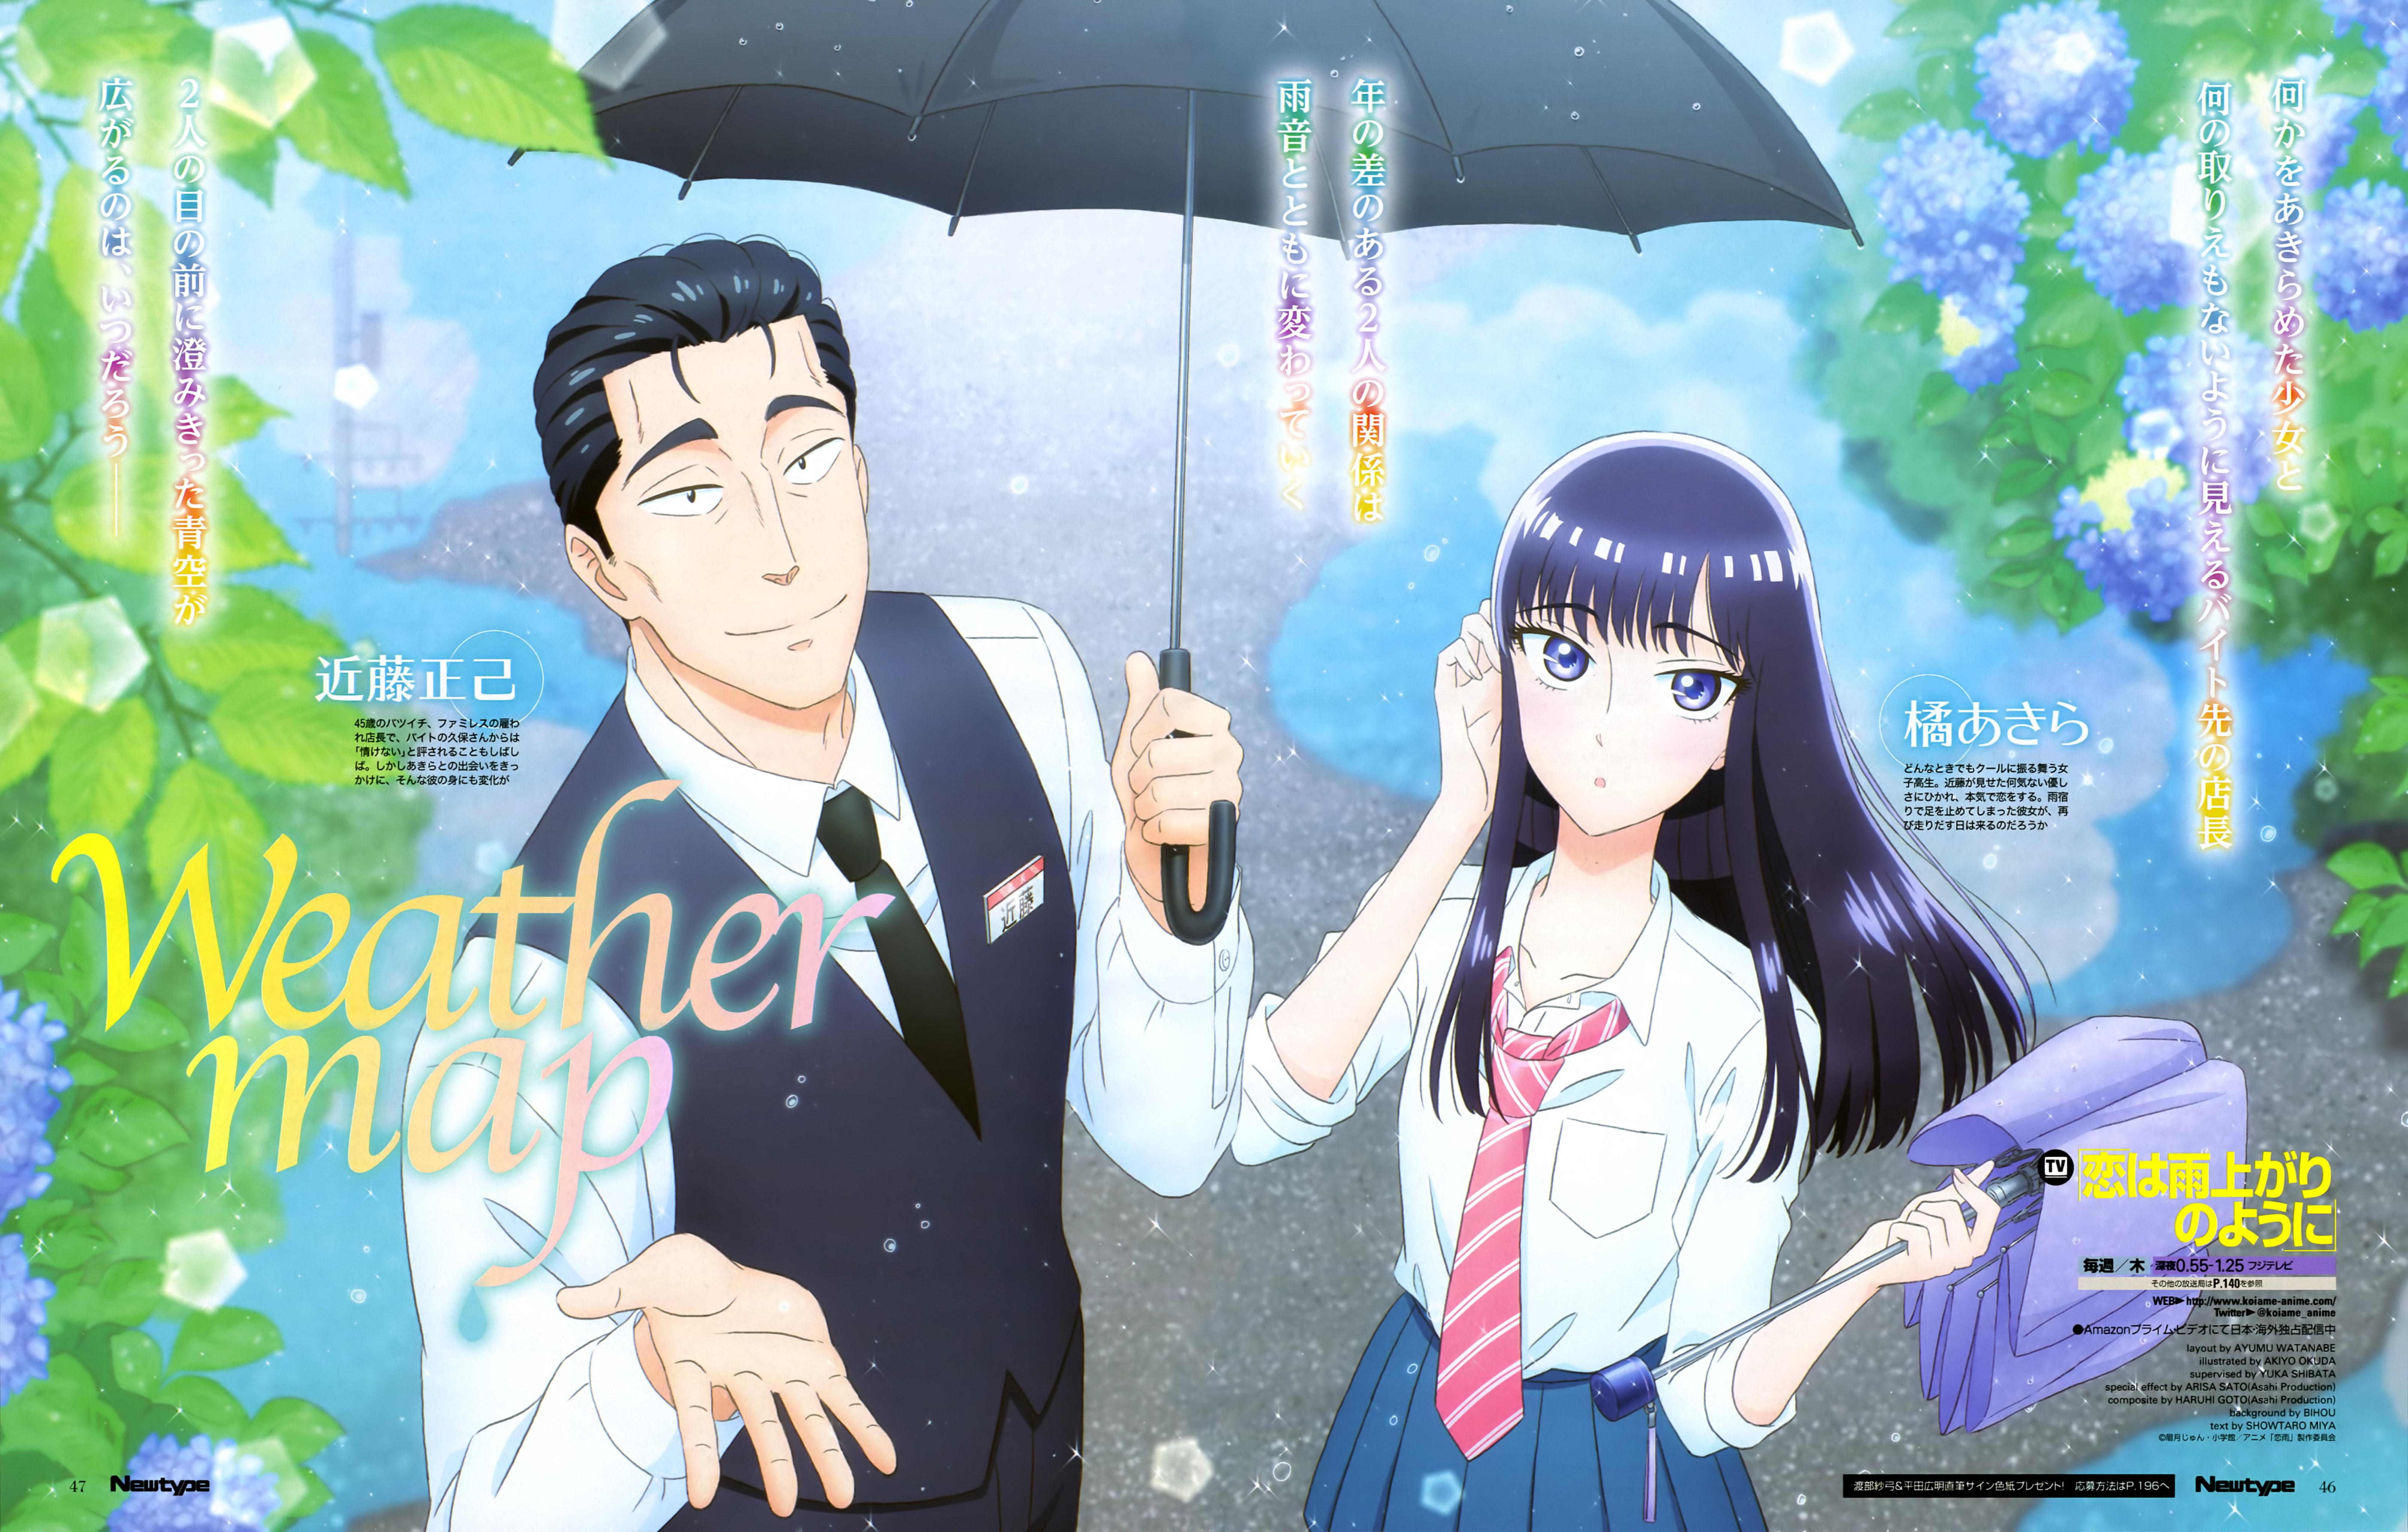 Koi wa ameagari no you ni image 2284375 zerochan anime for Koi ha ameagari no youni